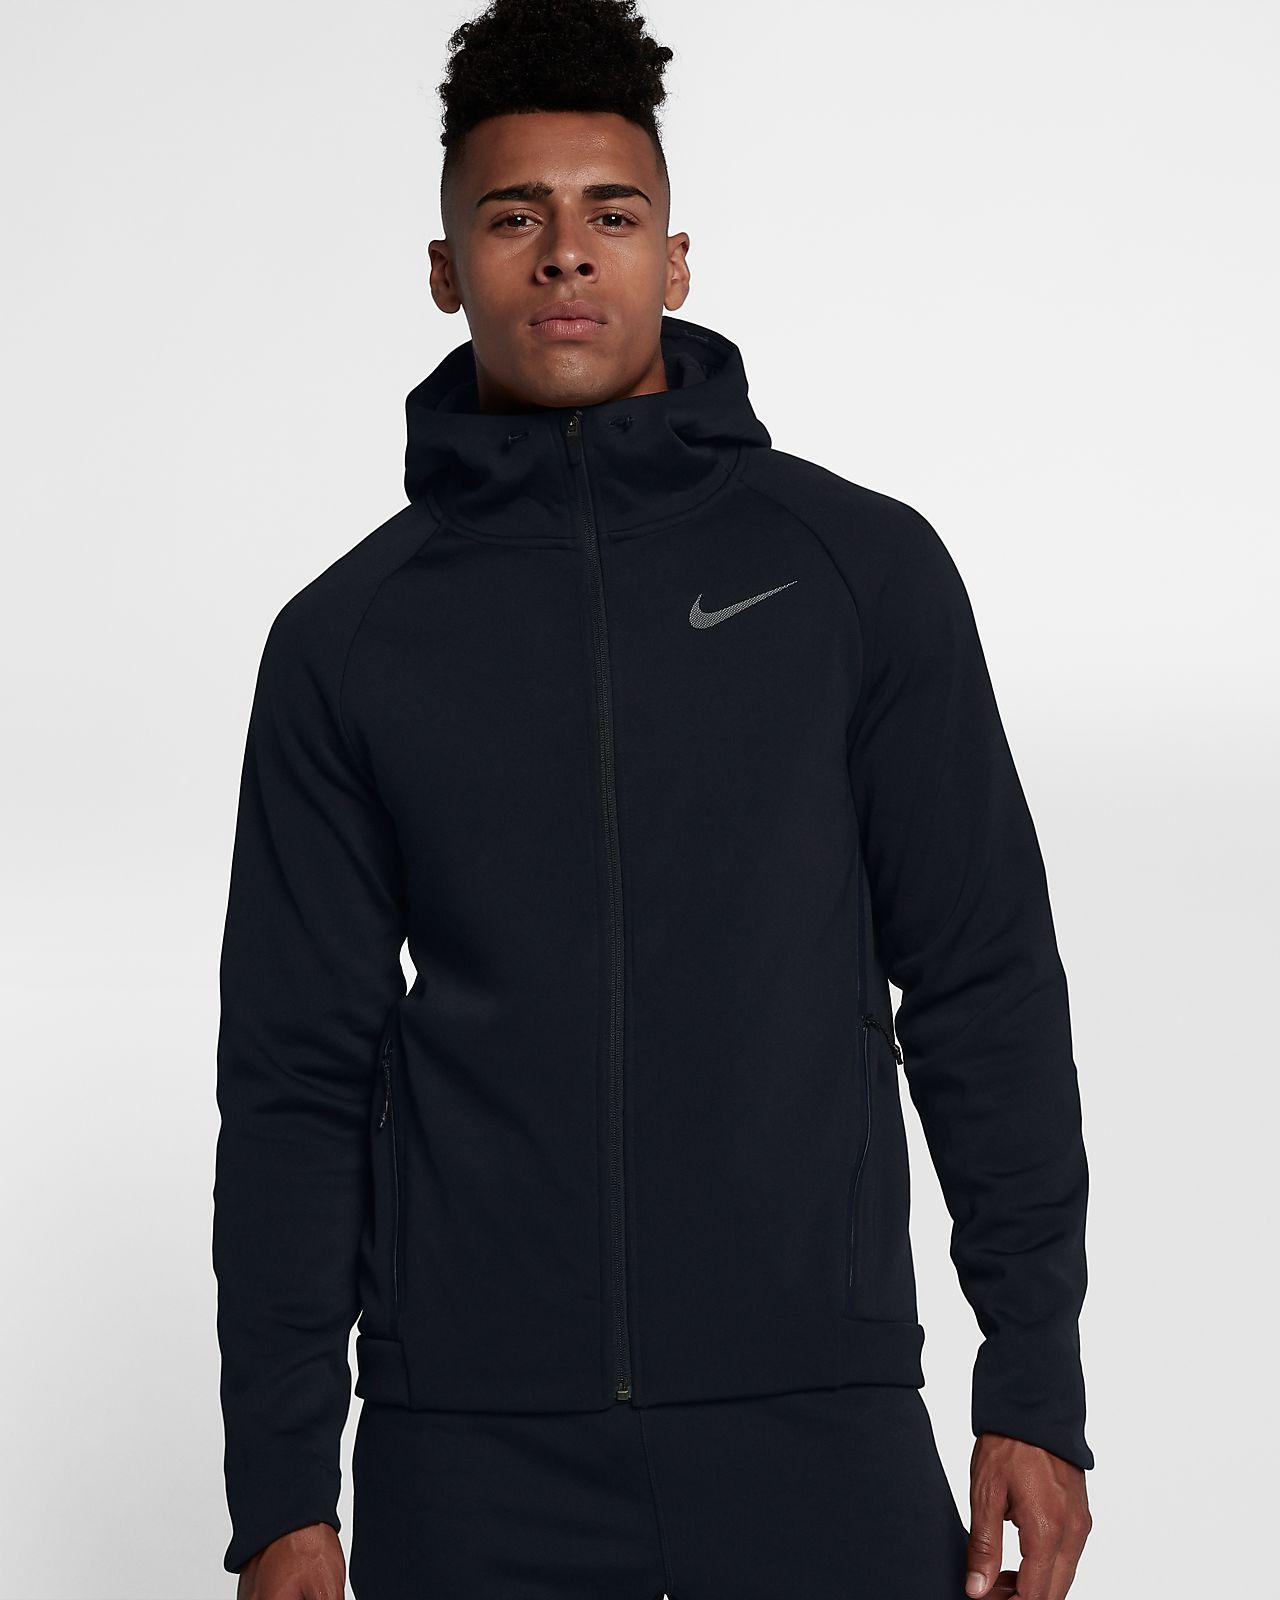 Nike Therma Sphere Max Trainings Hoodie Mit Durchgehendem